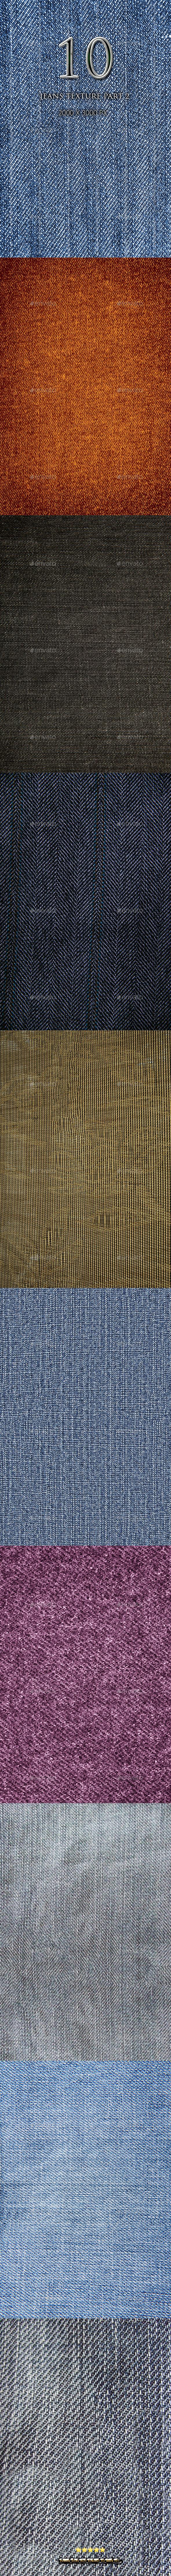 10 Jeans texture Part 2 - Textures